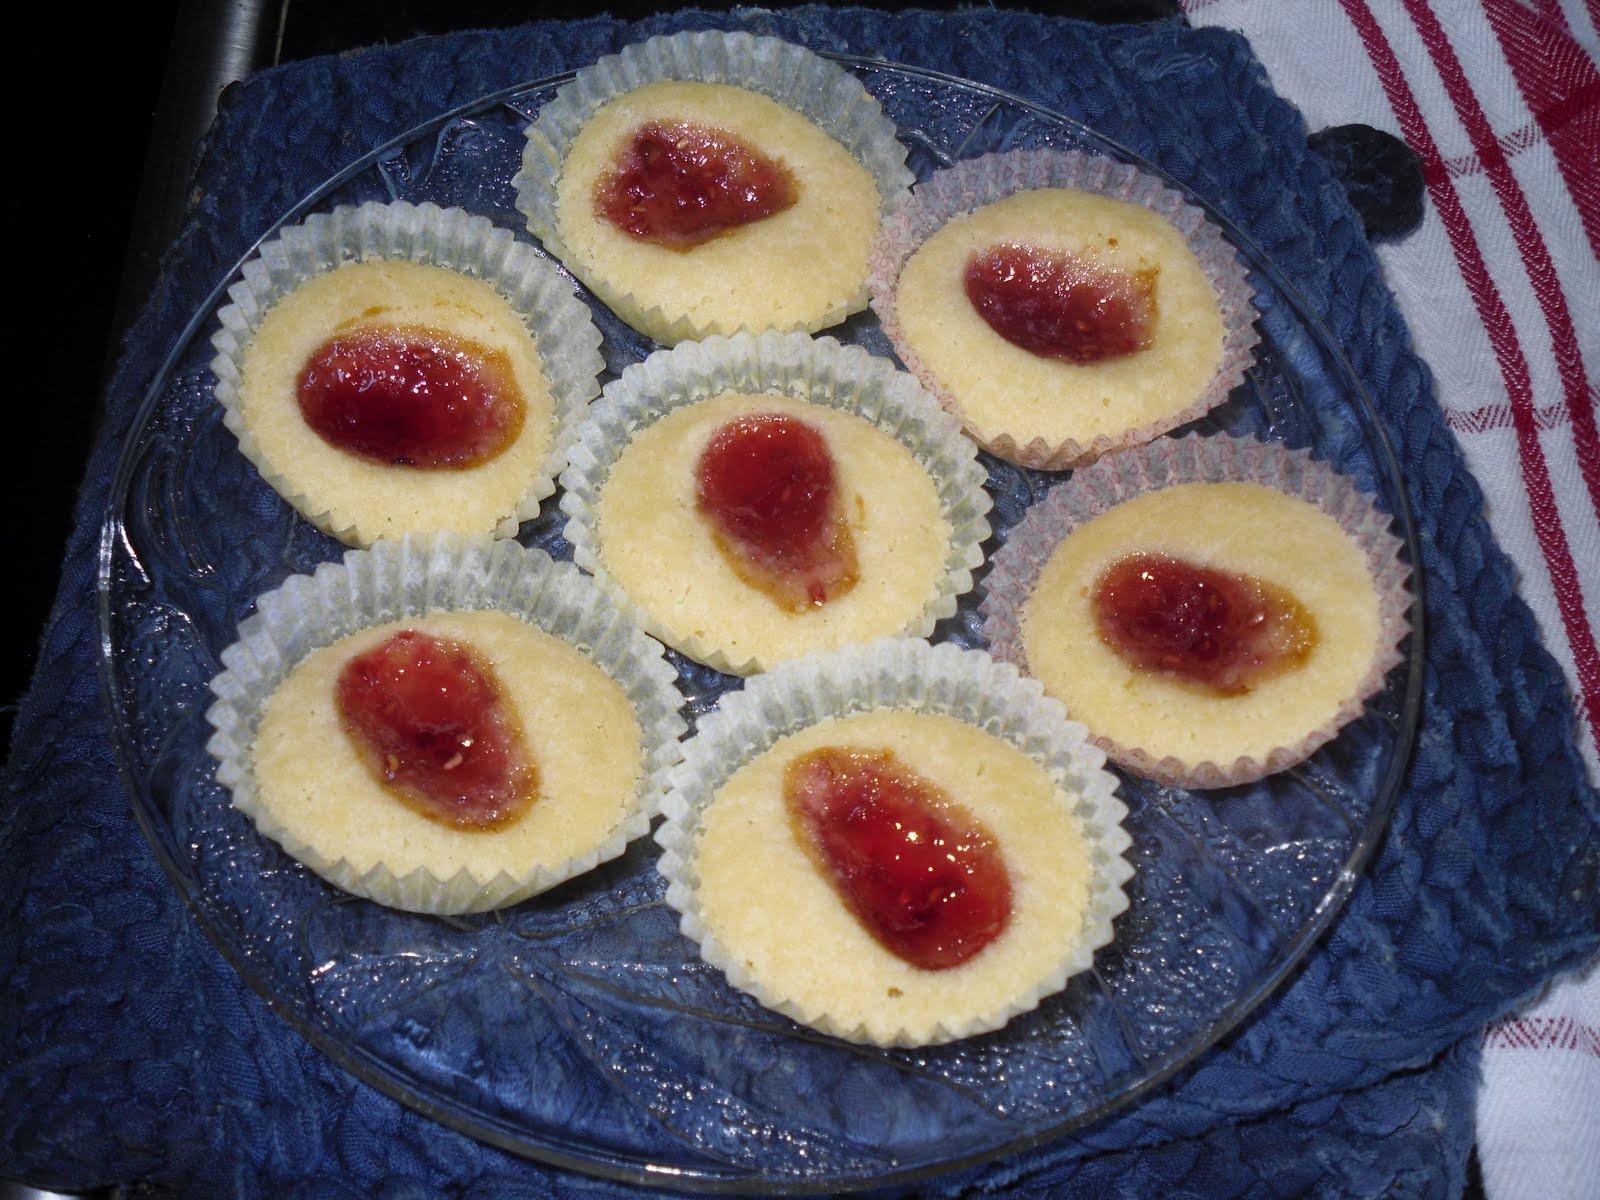 hallongrottor med marsanpulver recept